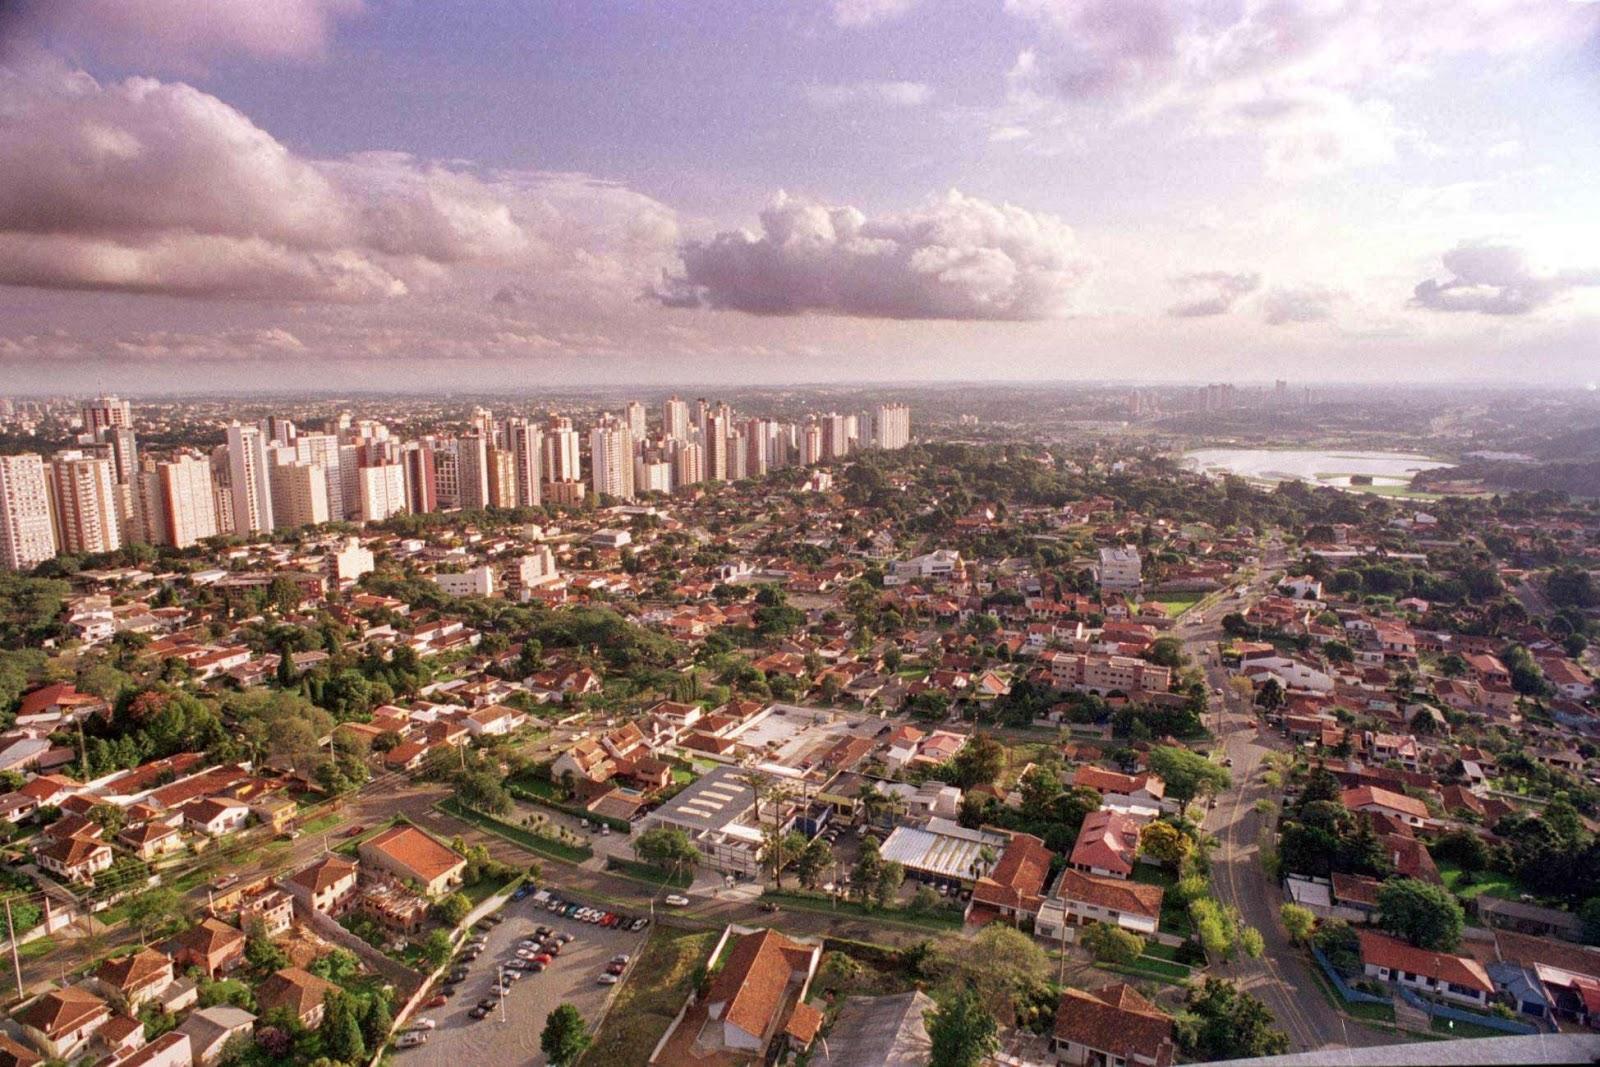 Abertura dos pontos turísticos em Curitiba